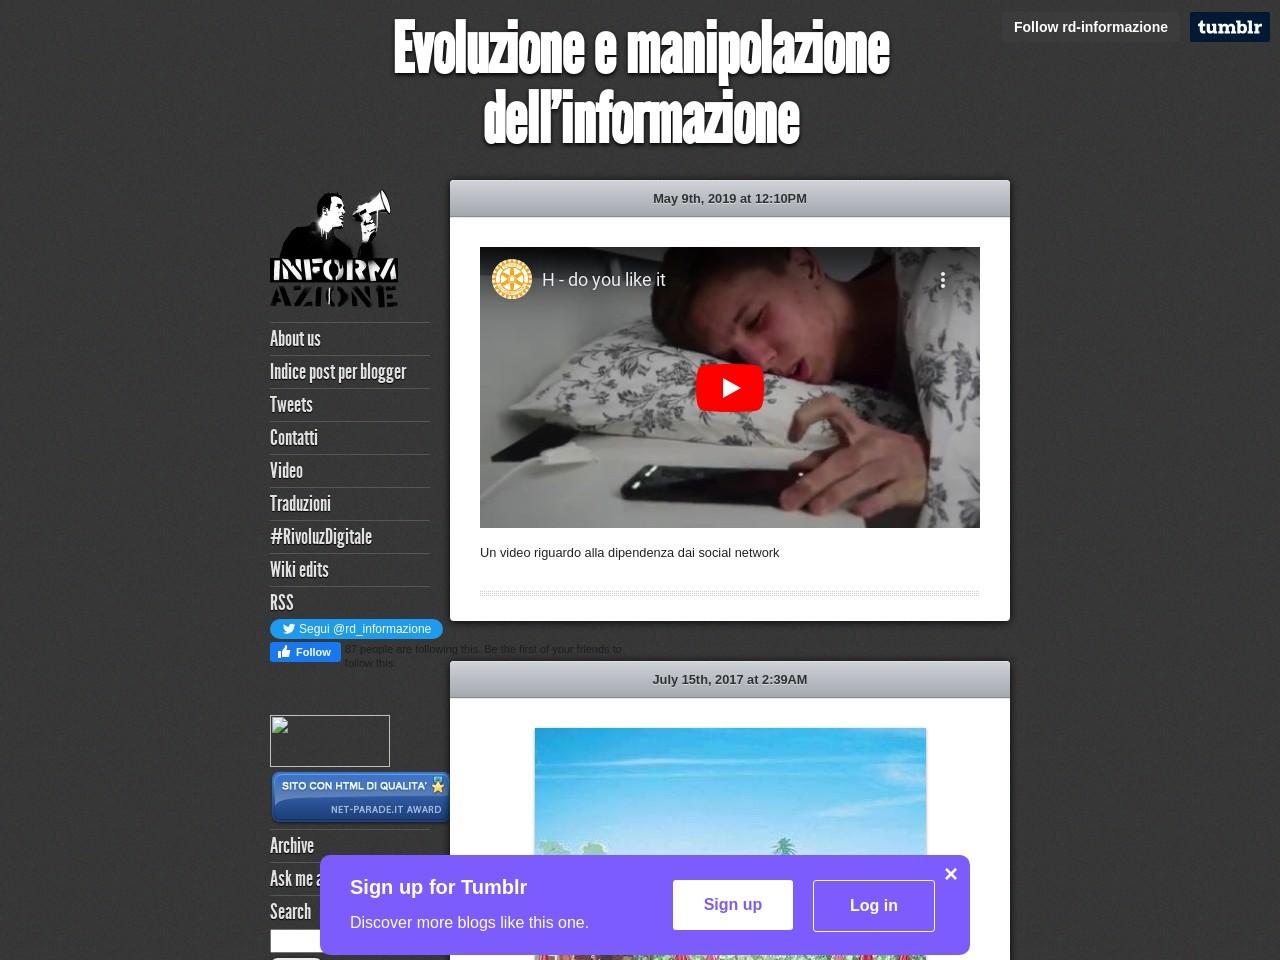 evoluzione-e-manipolazione-dellinformazione